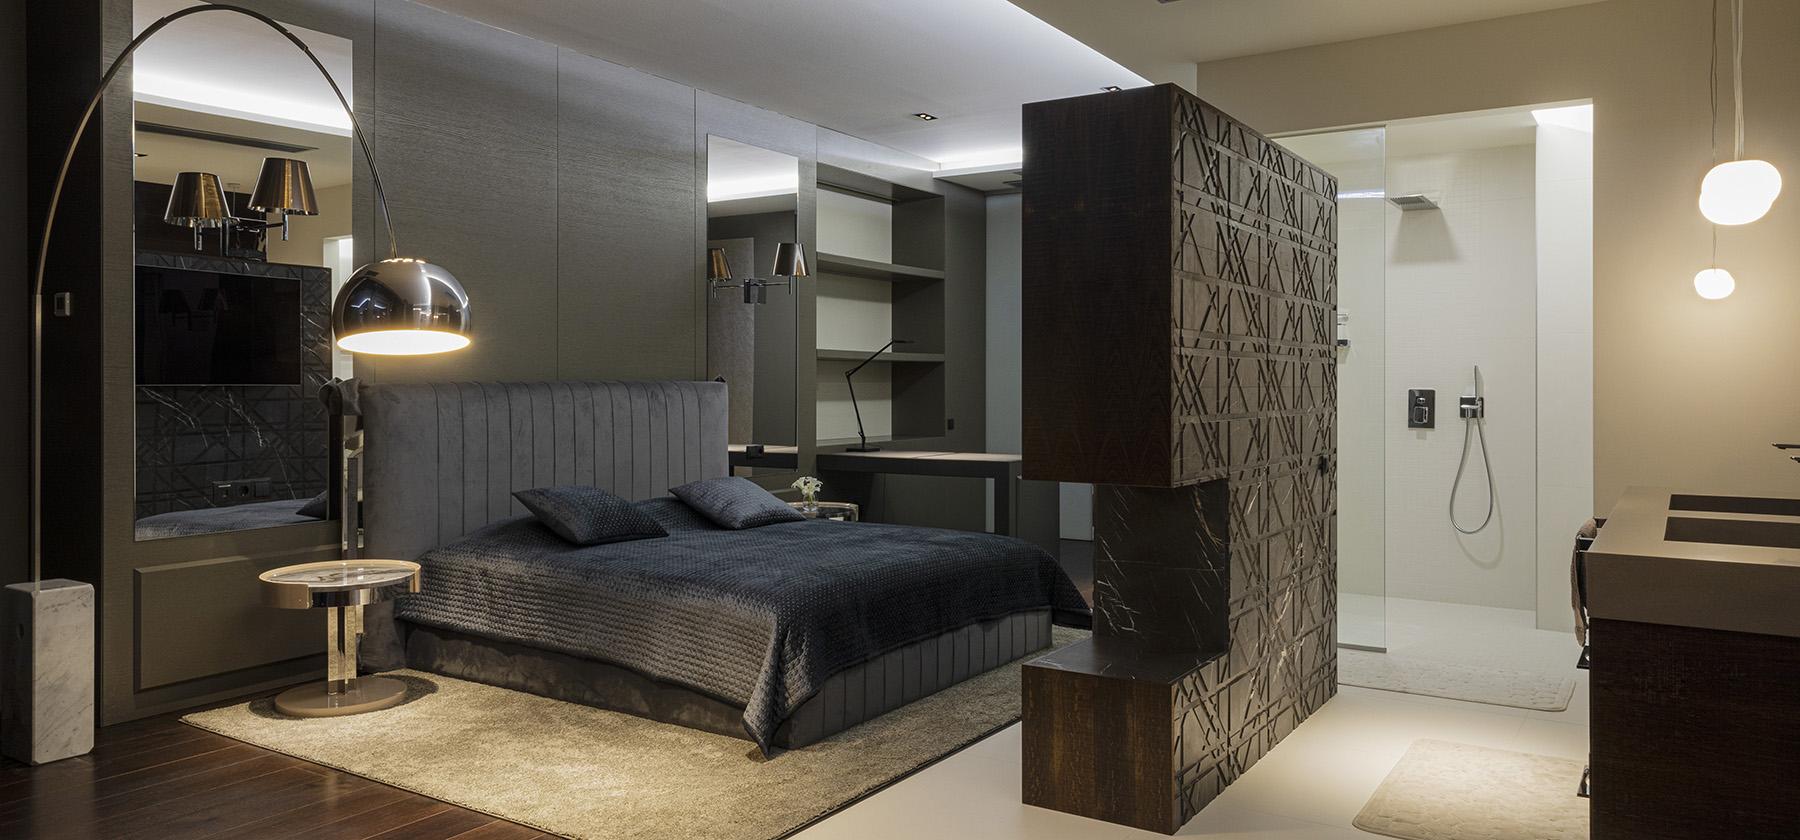 10_KingDavid_tartan_interior_wall_covering.jpg